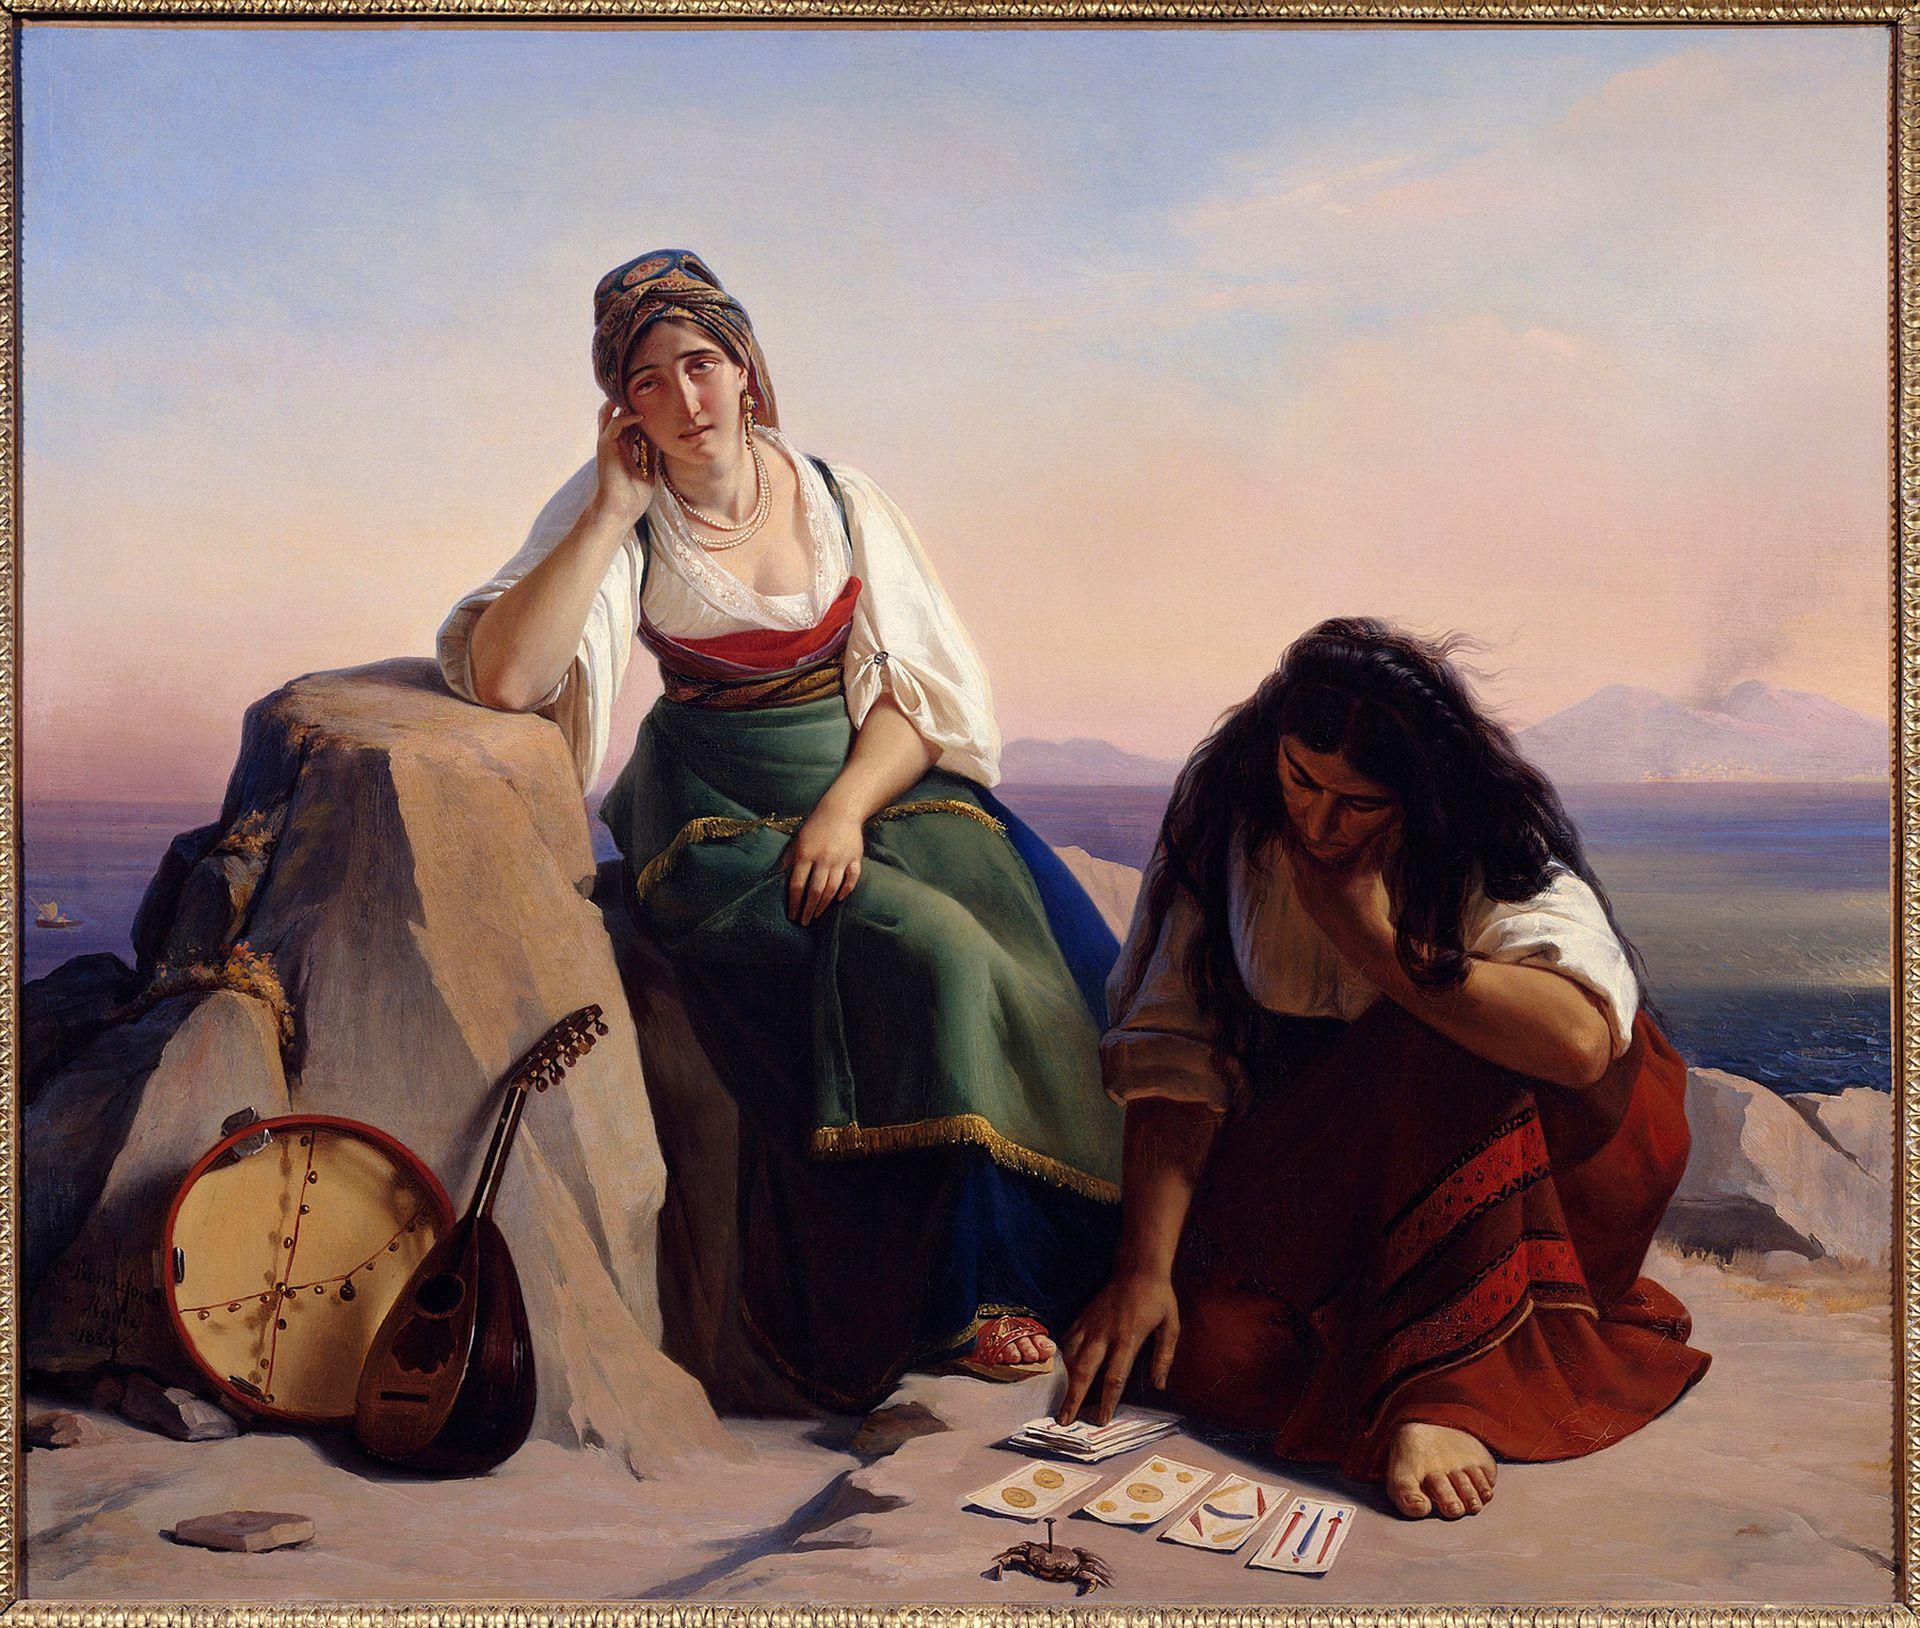 Una de las tantas obras de arte que representan el interés por el Tarot a lo largo de la historia